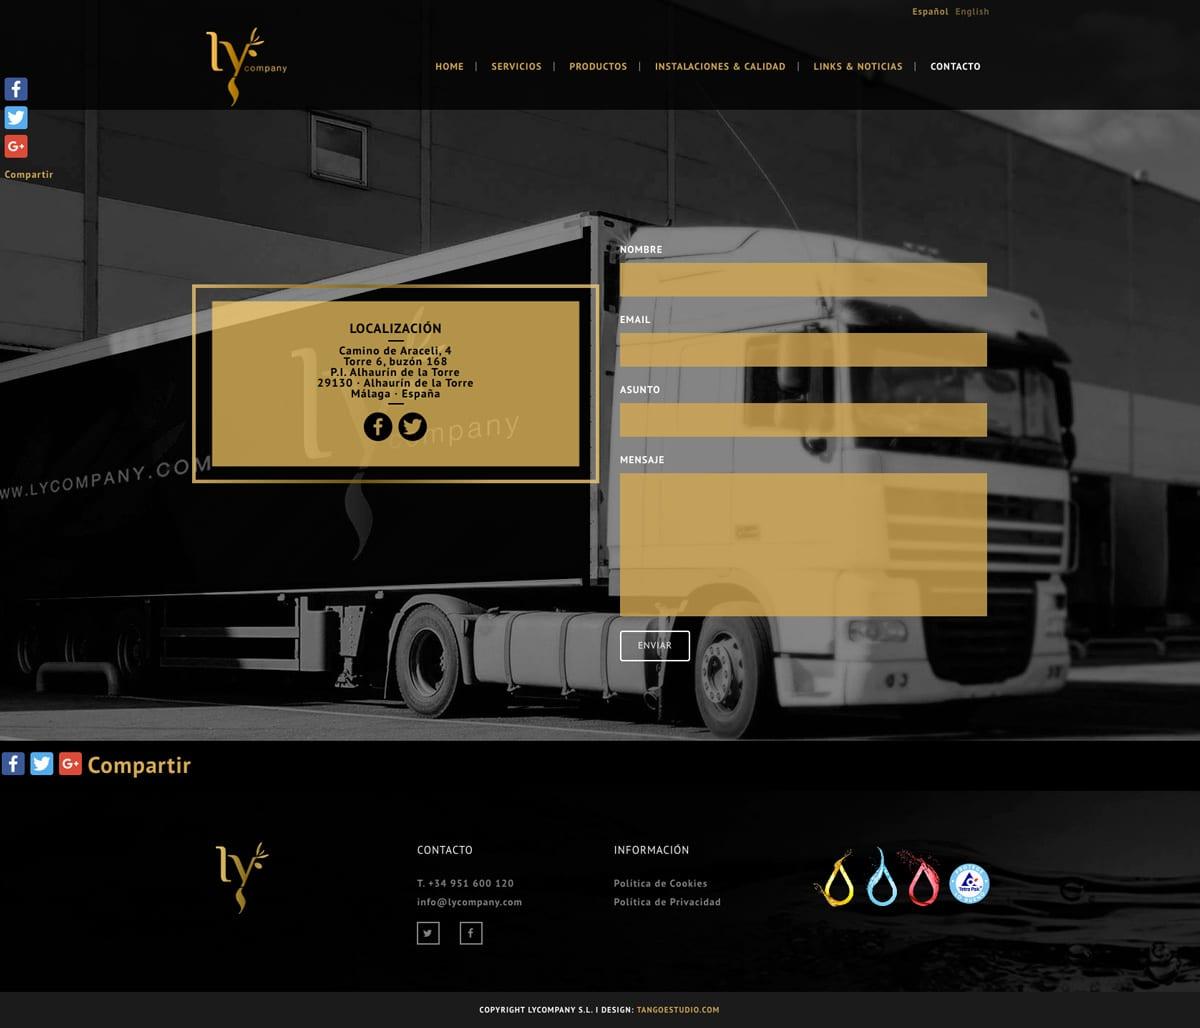 Diseño para contacto en web